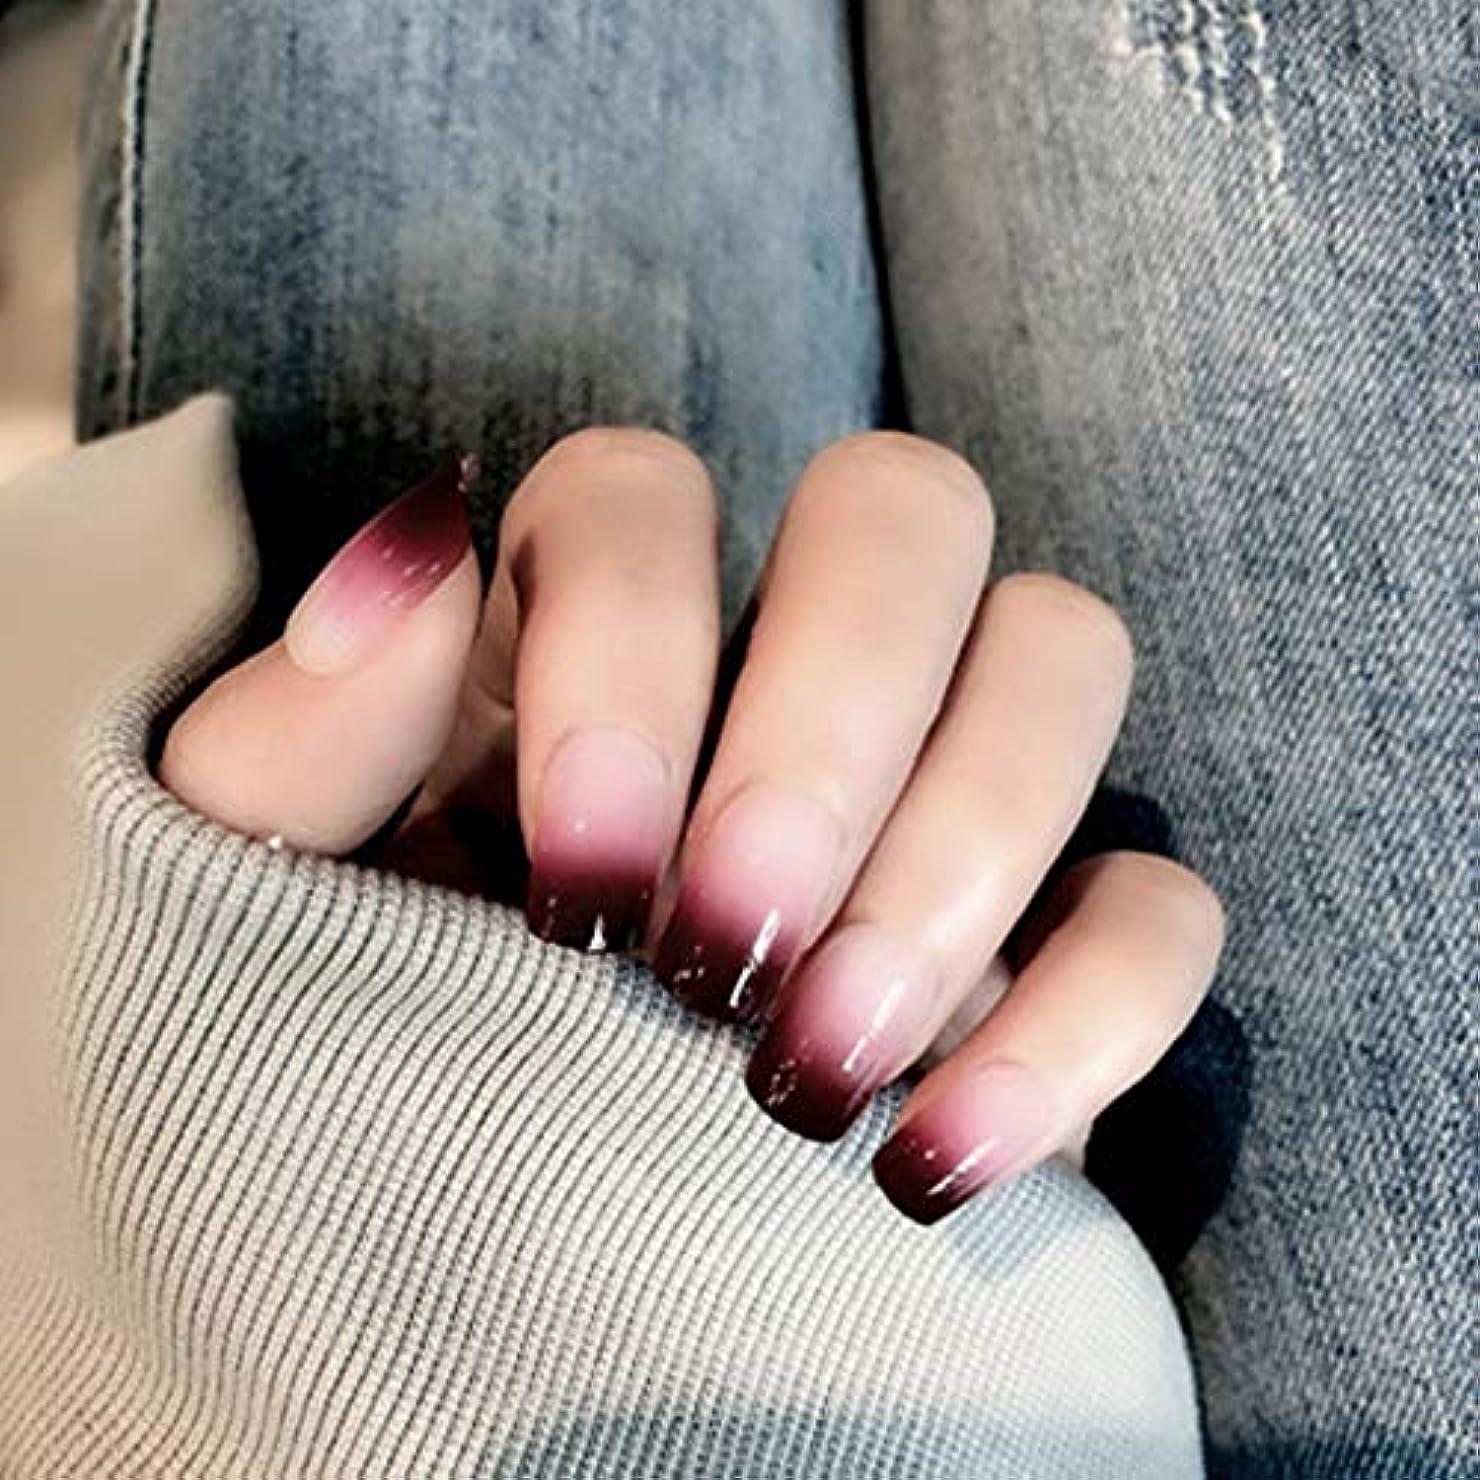 提出する自宅で信頼性XUTXZKA 24個の赤ワインのグラデーションカラーの長い爪のファッションステッカー女性のステッカー